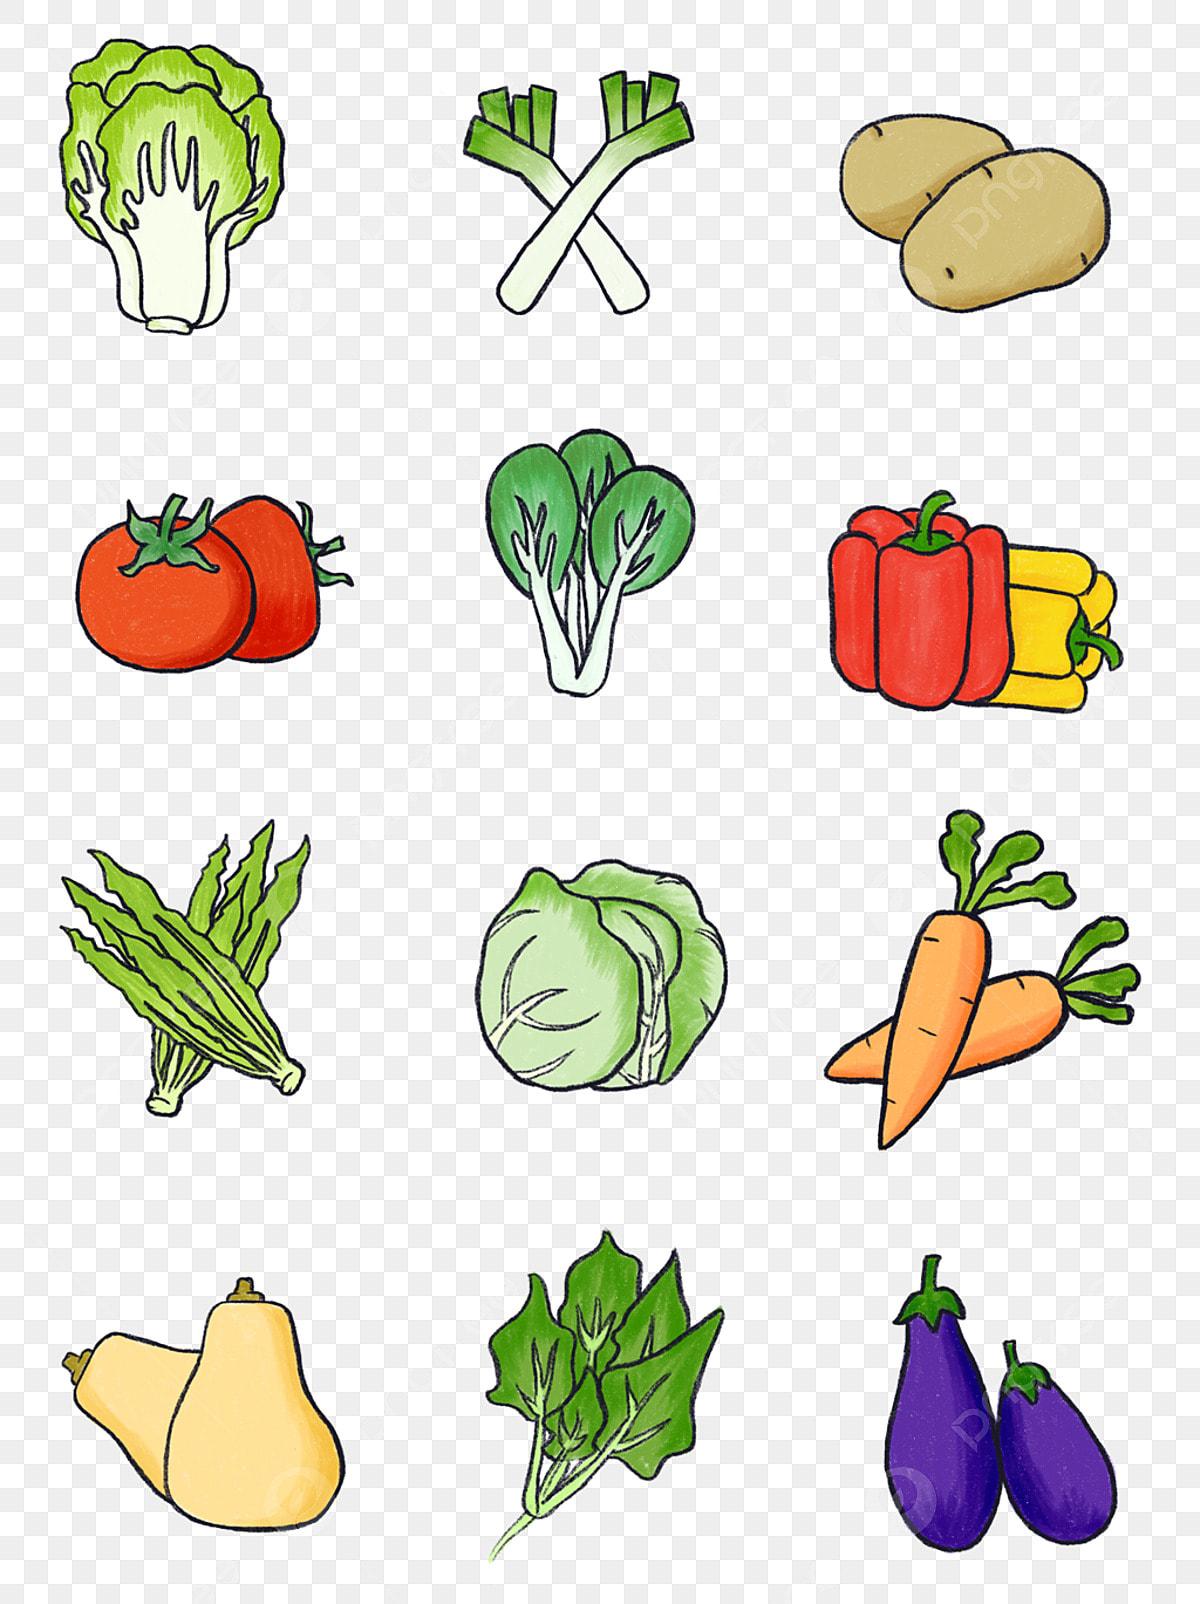 Dessin Animé De Légumes Et Melons Colorés Peints à La Main